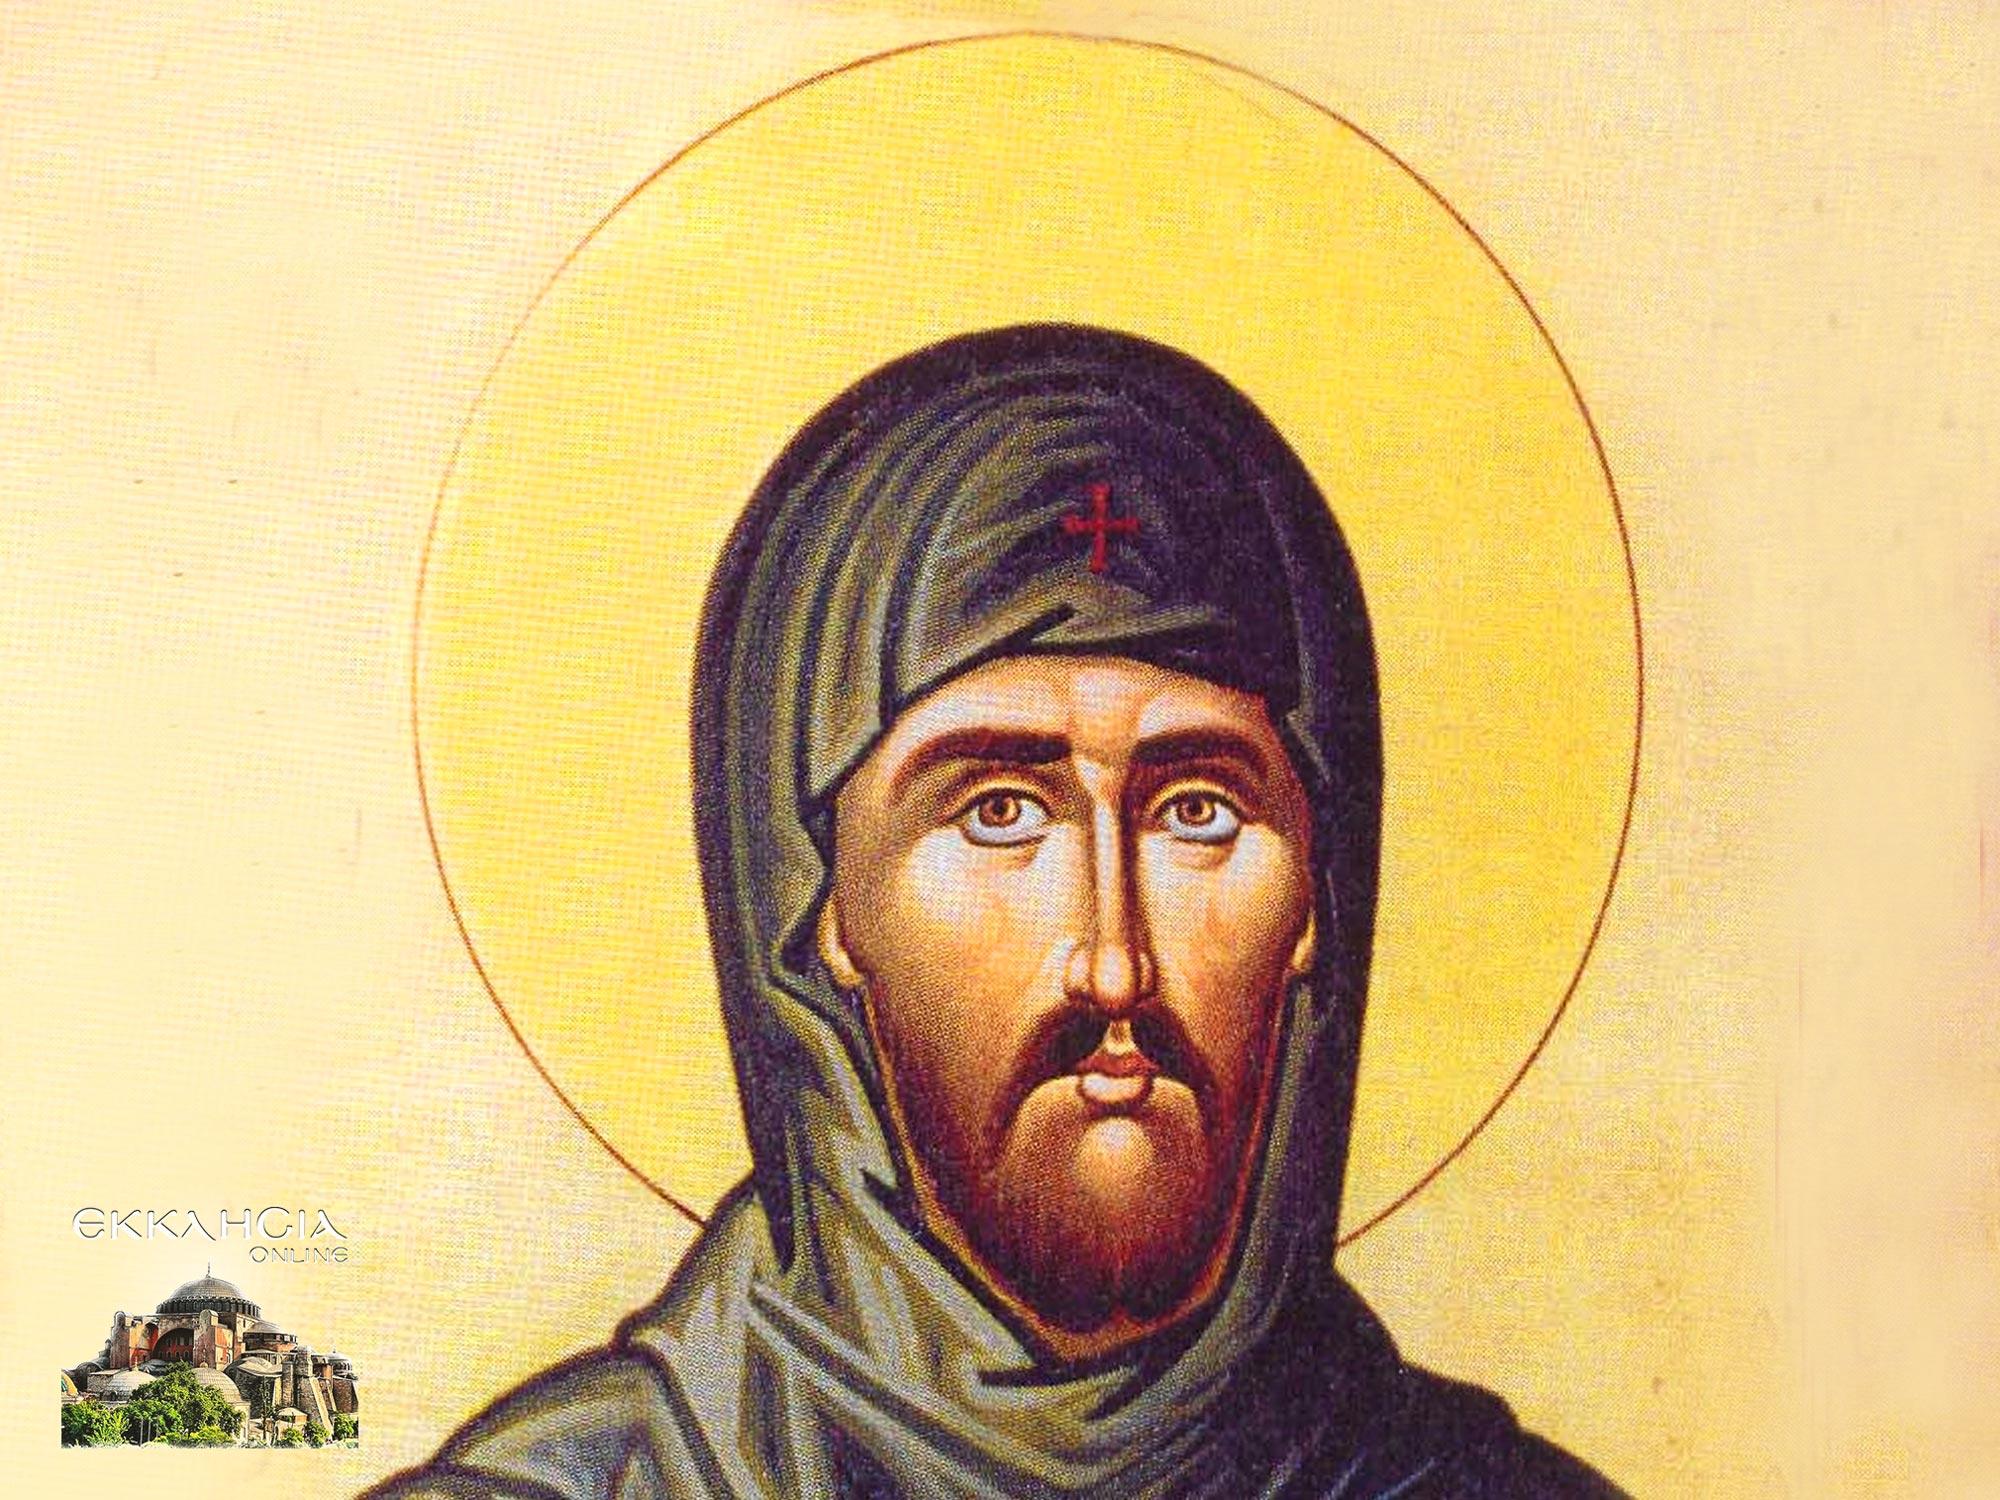 Άγιος Παύλος ο νέος Οσιομάρτυρας εξ Ιωάννινων 12 Ιουνίου